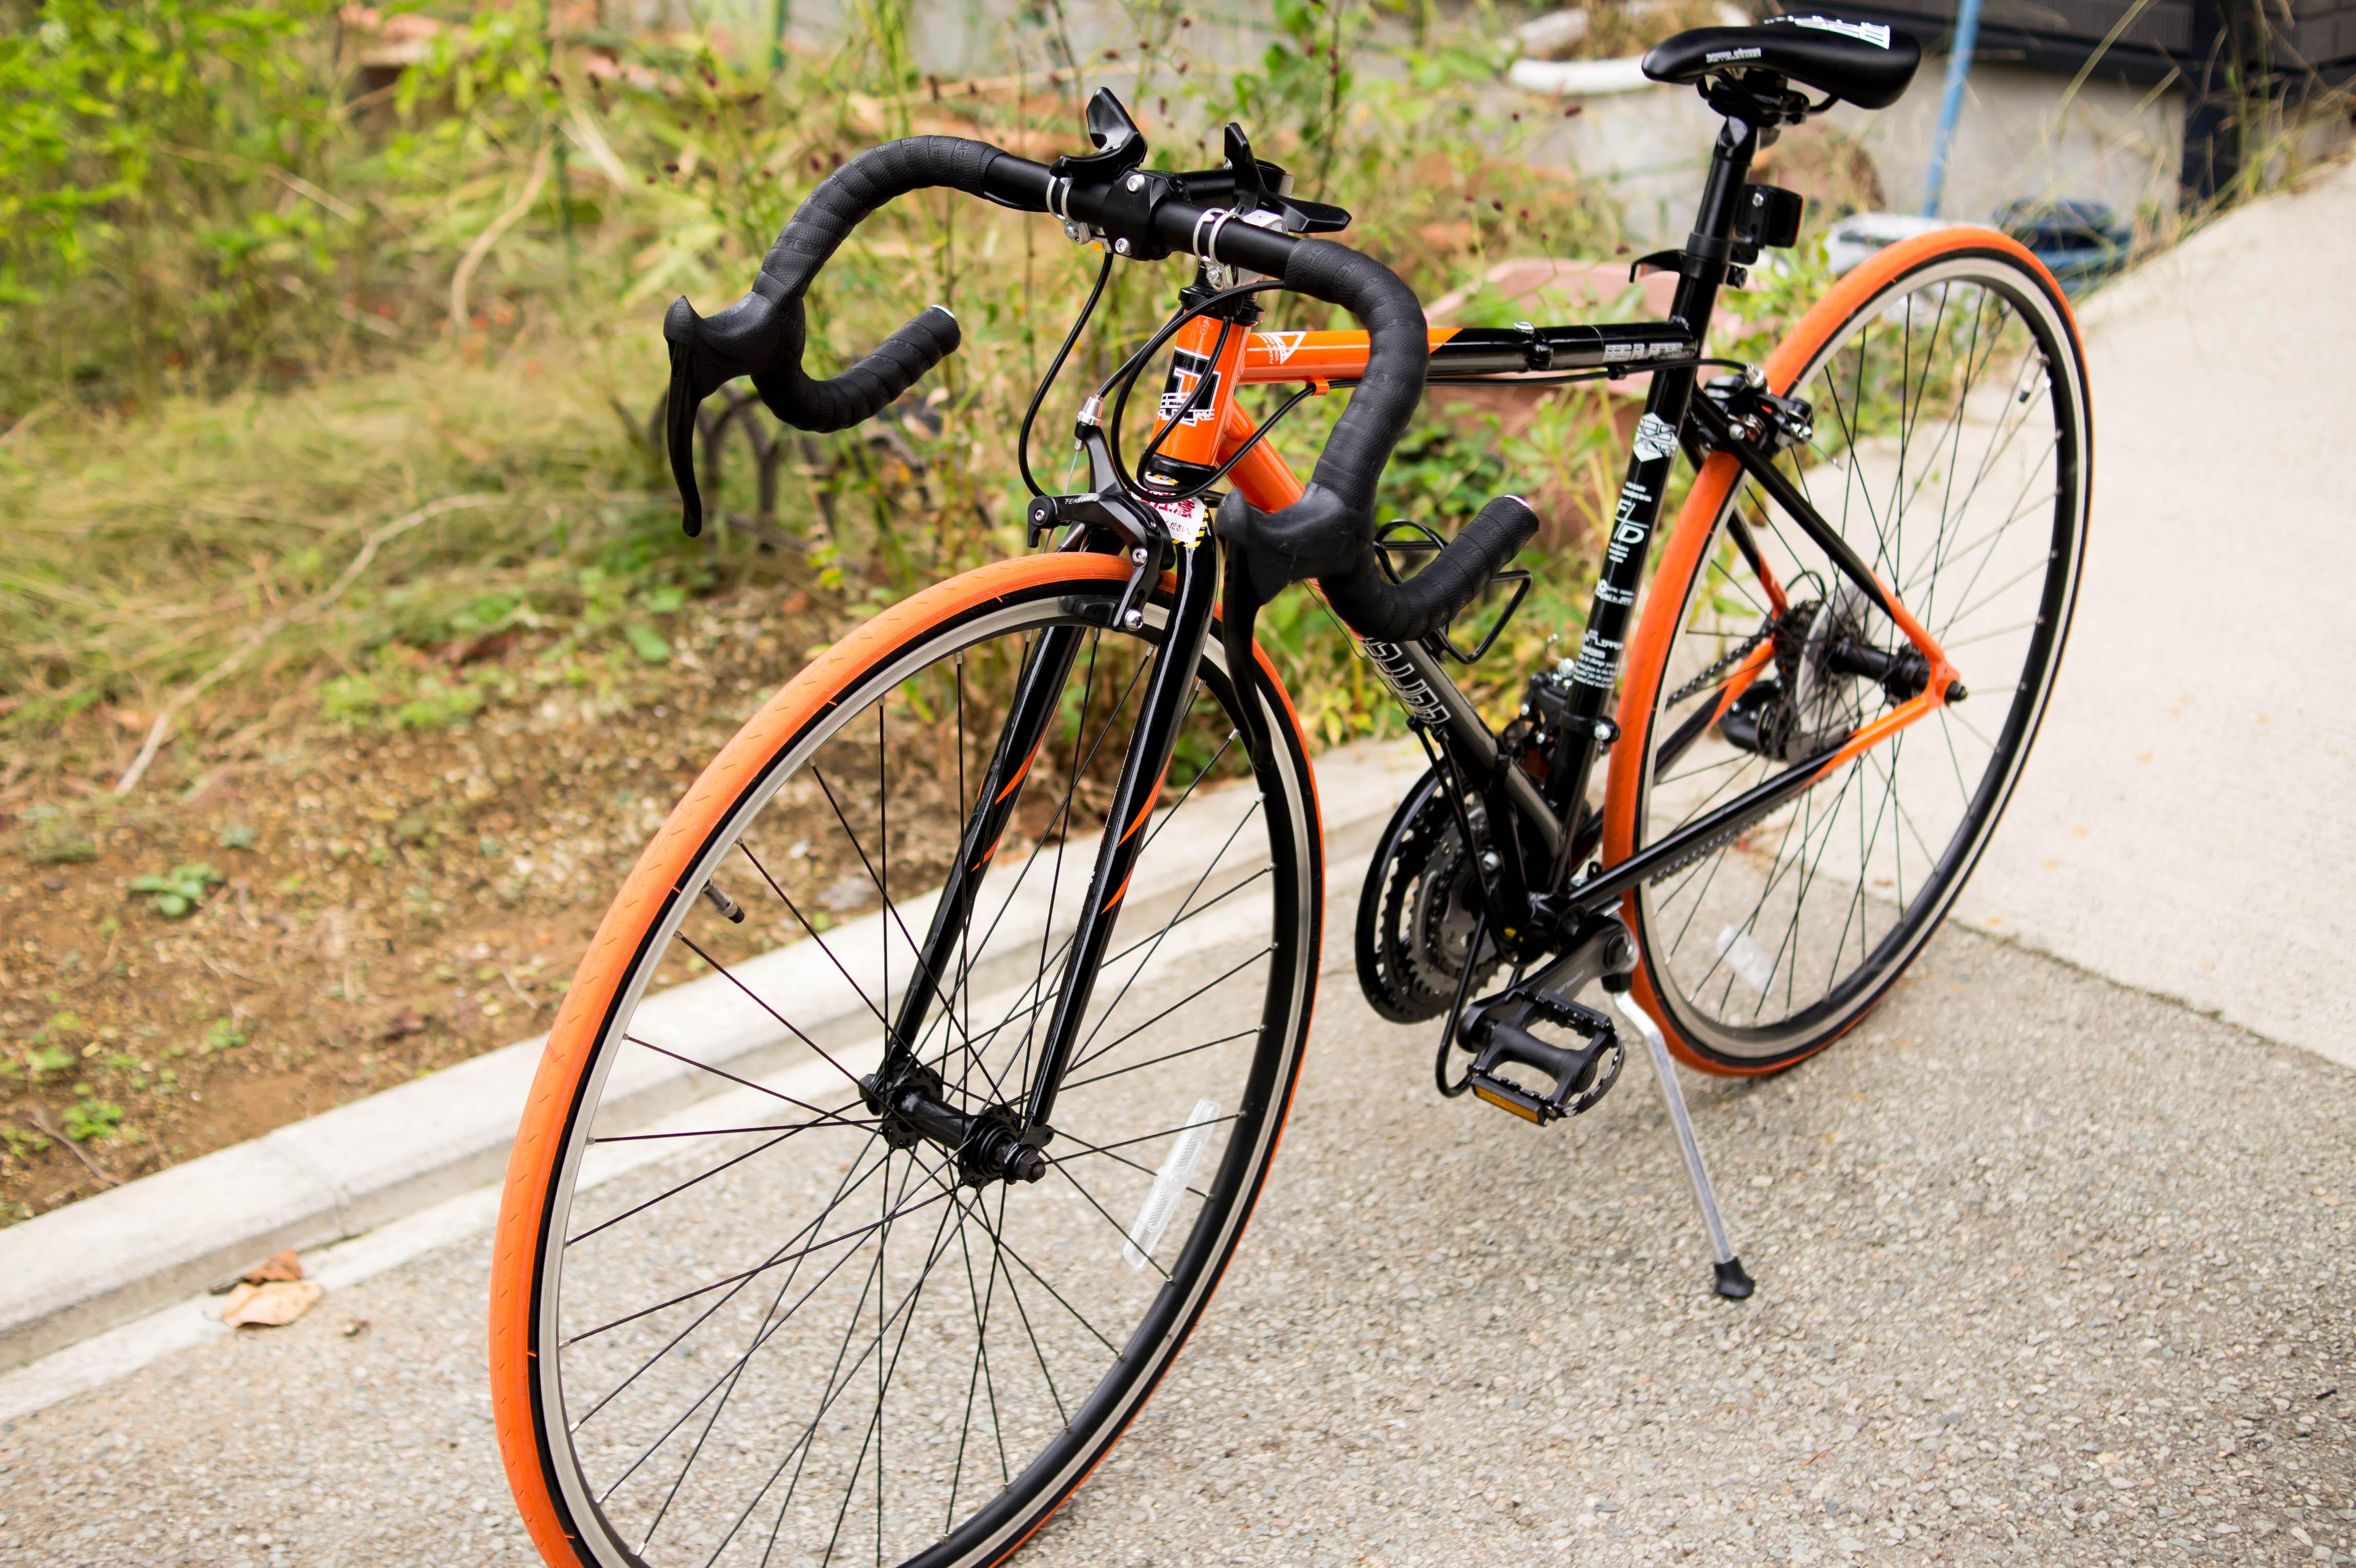 ロードバイクのハンドル高さ調整してレンタル自転車開始に向けて準備